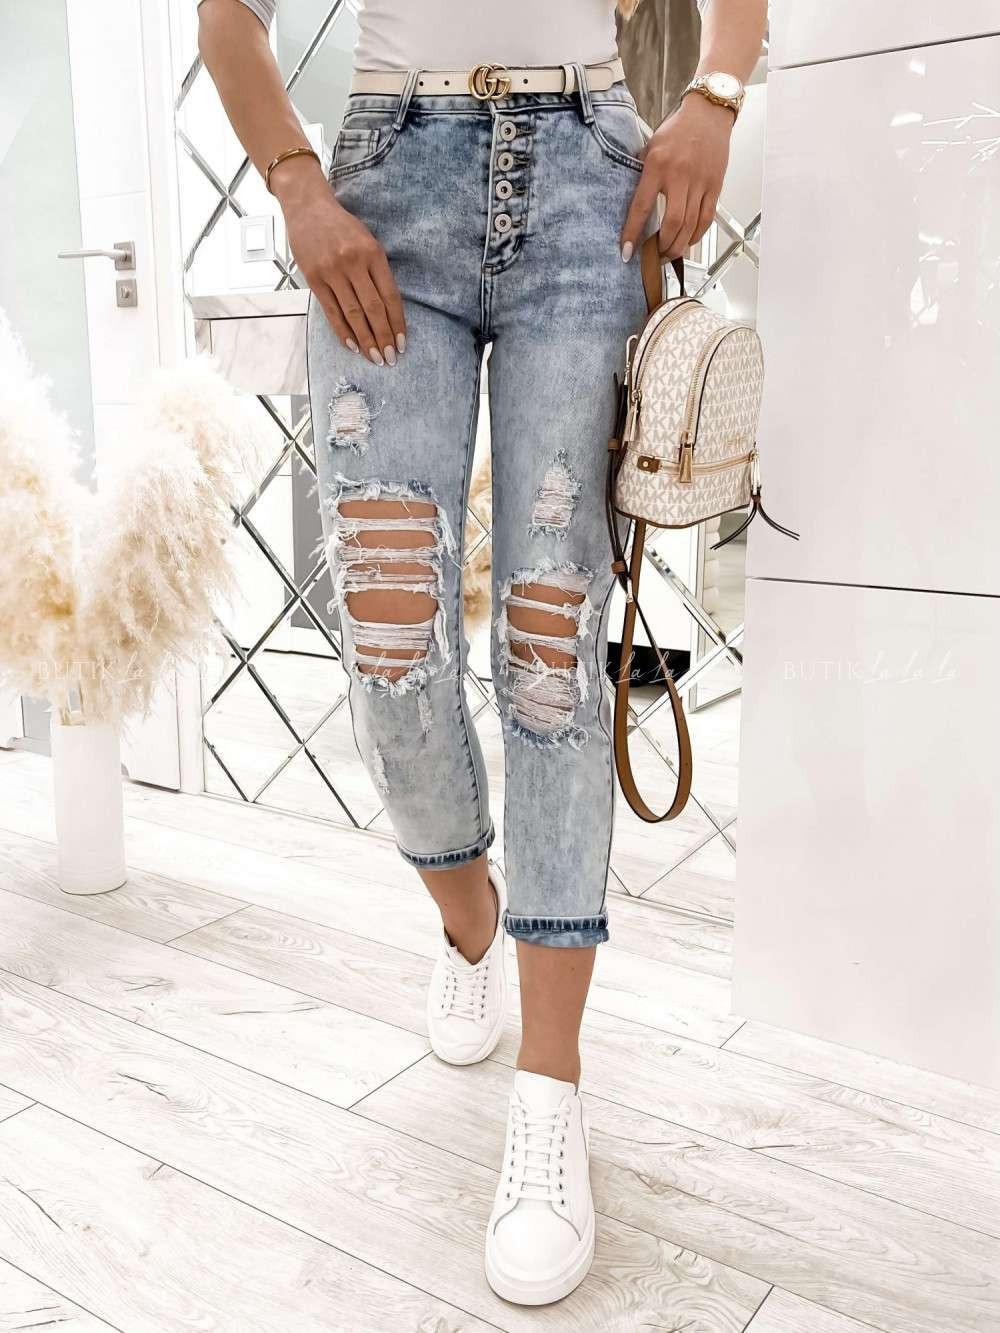 damskie jeansy zdziurami